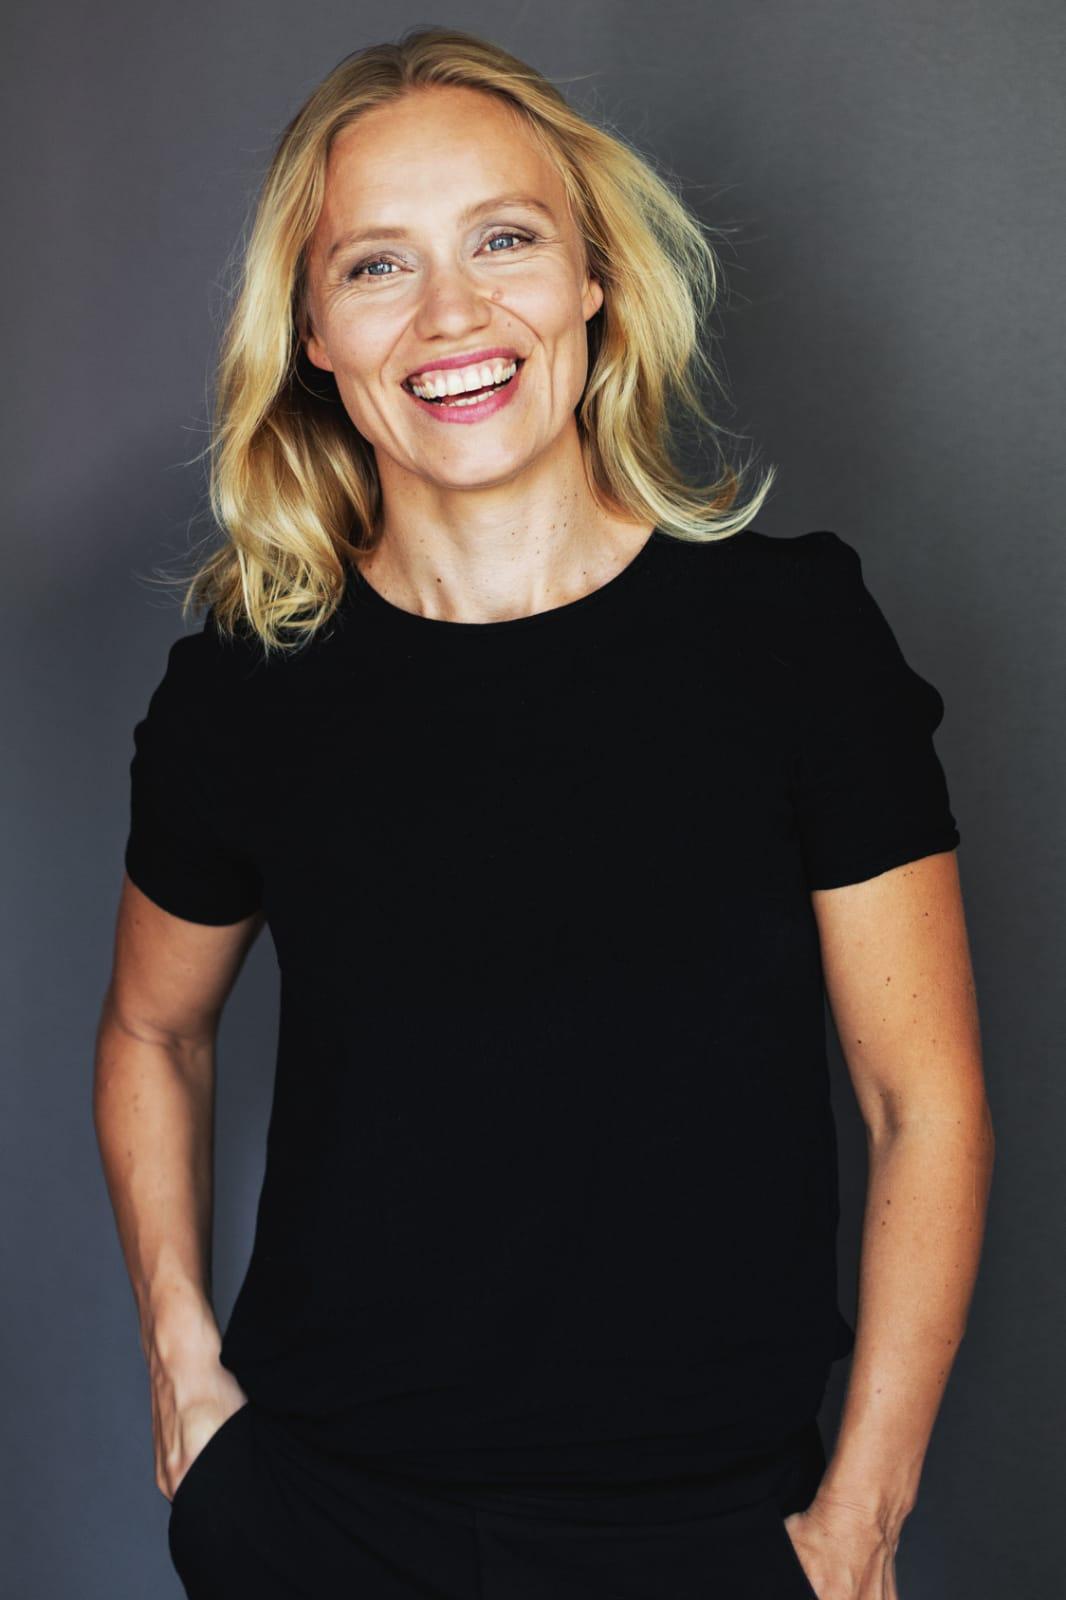 Meri Koivisto